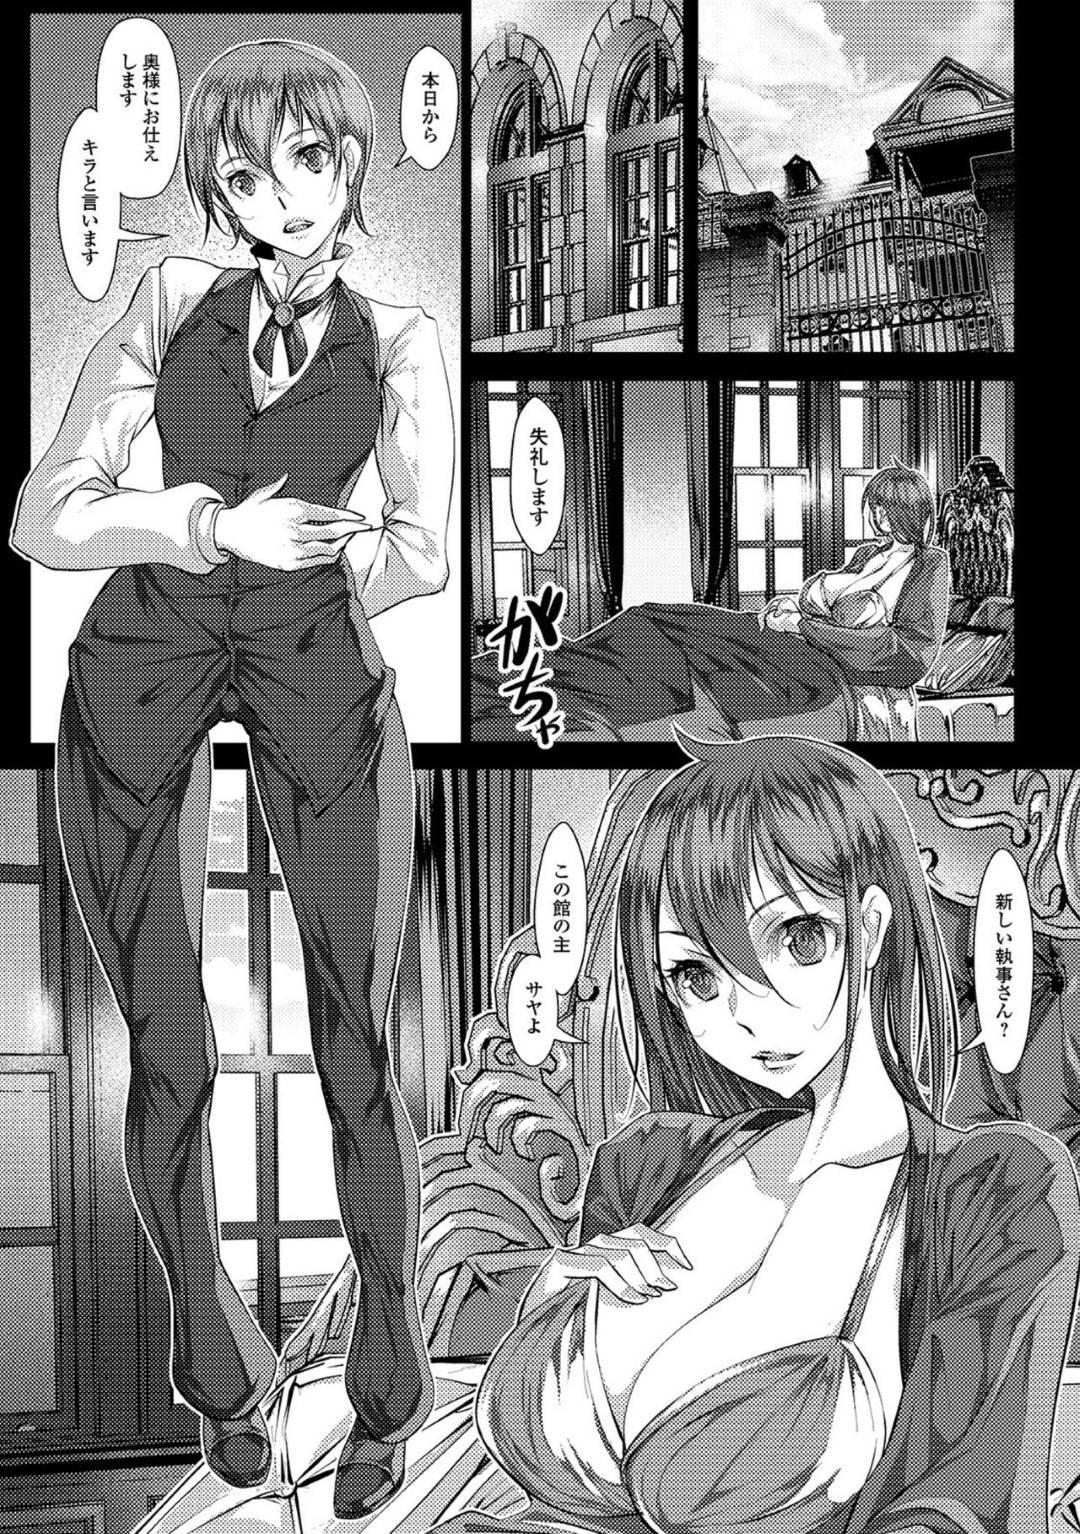 【エロ漫画】屋敷の主であるふたなりなサヤに地下室へと監禁されてしまった執事の少年。淫乱な彼女は彼を牢屋へと入れて拘束してはディルドでアナル責めしたり、巨根をフェラさせたりと彼をメスのように調教しまくる!